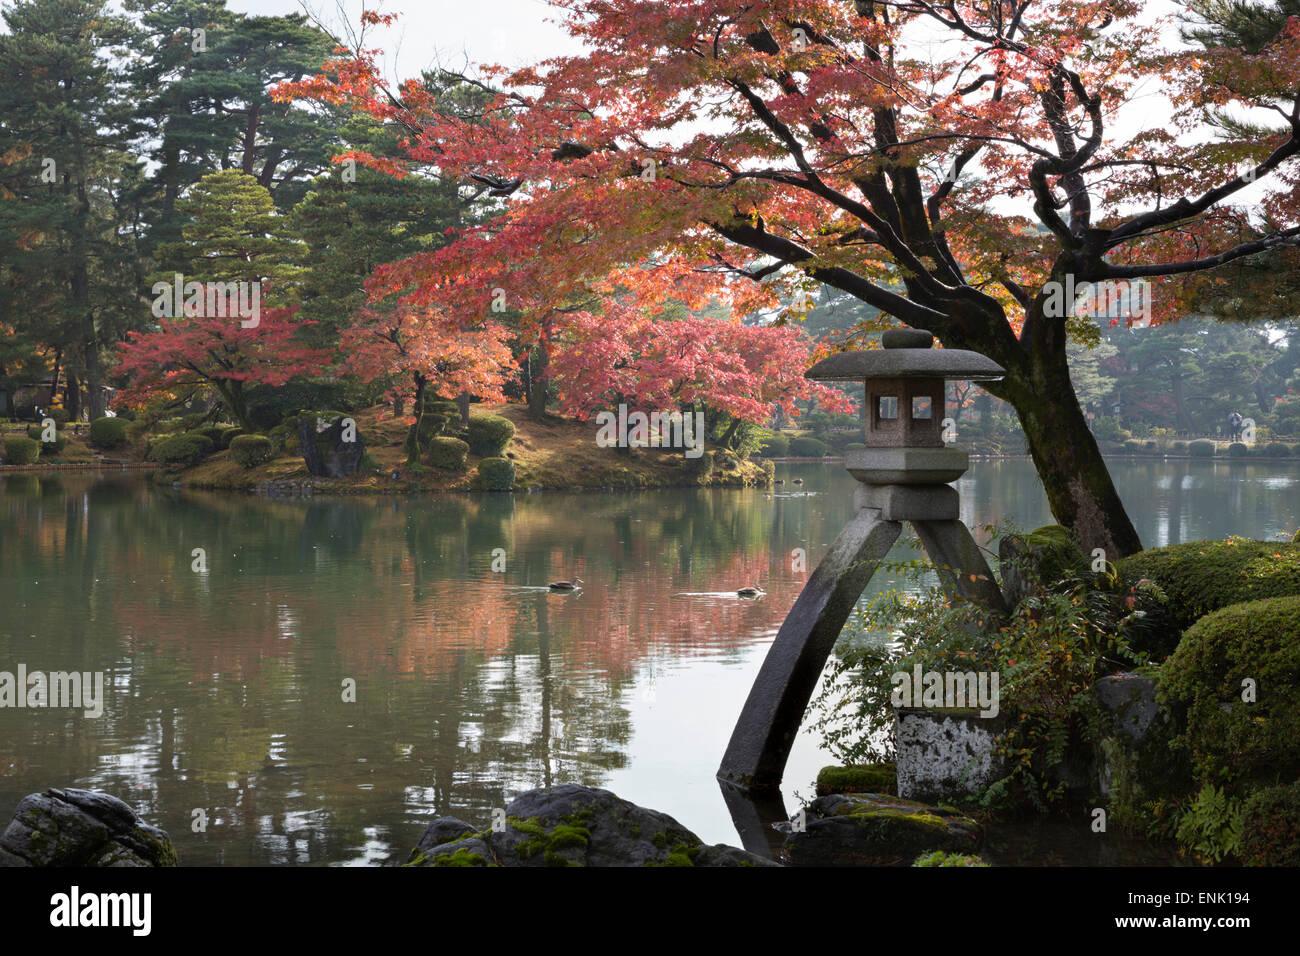 El jardín de Kenrokuen con linterna Kotojitoro en otoño, Kanazawa, prefectura de Ishikawa, central de Honshu, Japón, Asia Foto de stock